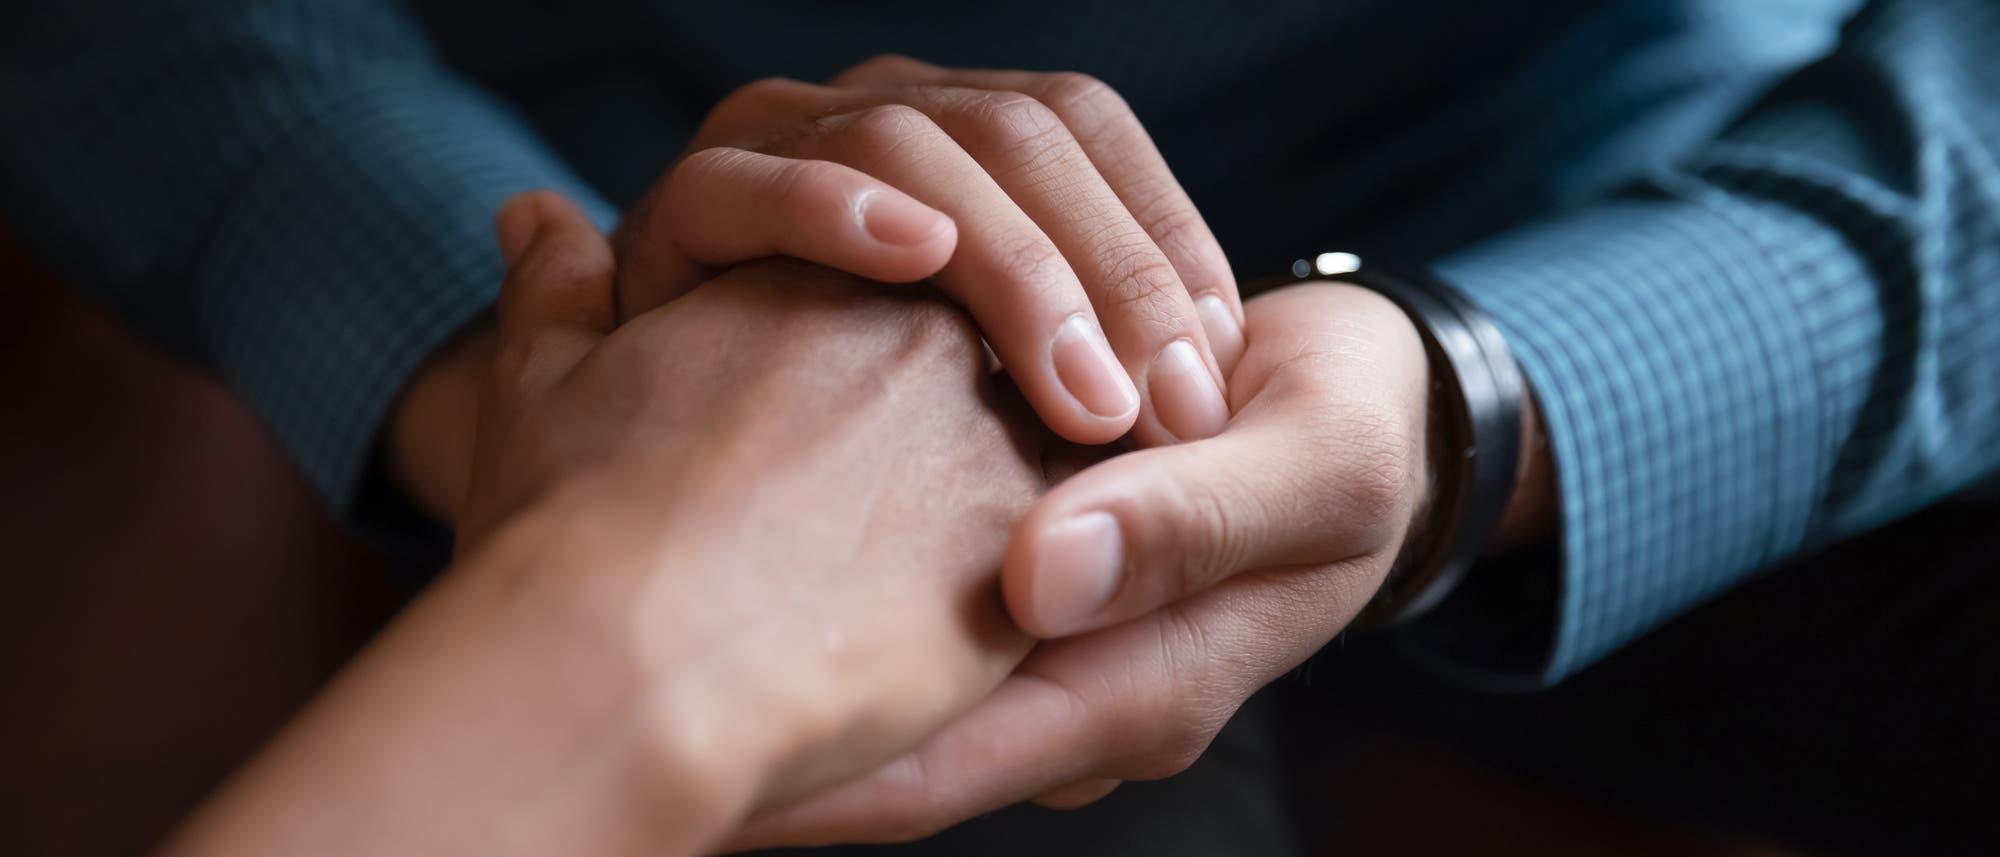 Zwei Hände halten tröstend zwei andere Hände